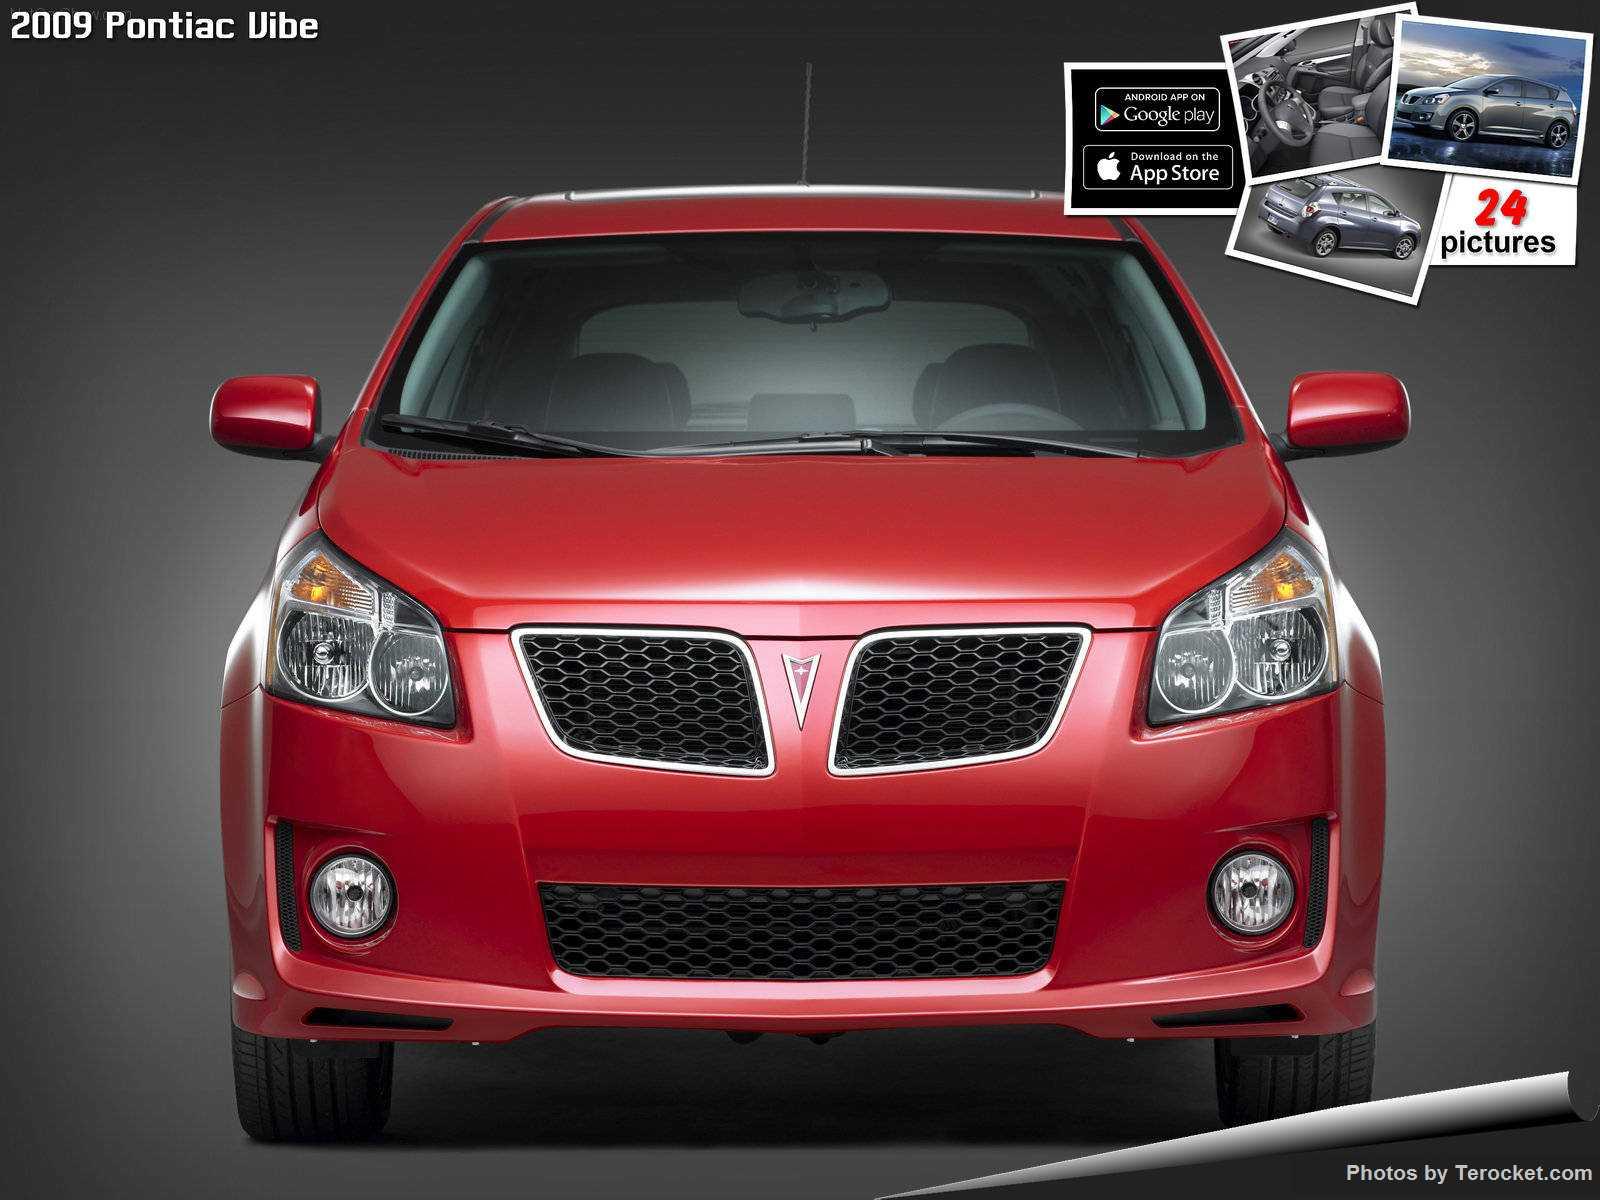 Hình ảnh xe ô tô Pontiac Vibe 2009 & nội ngoại thất